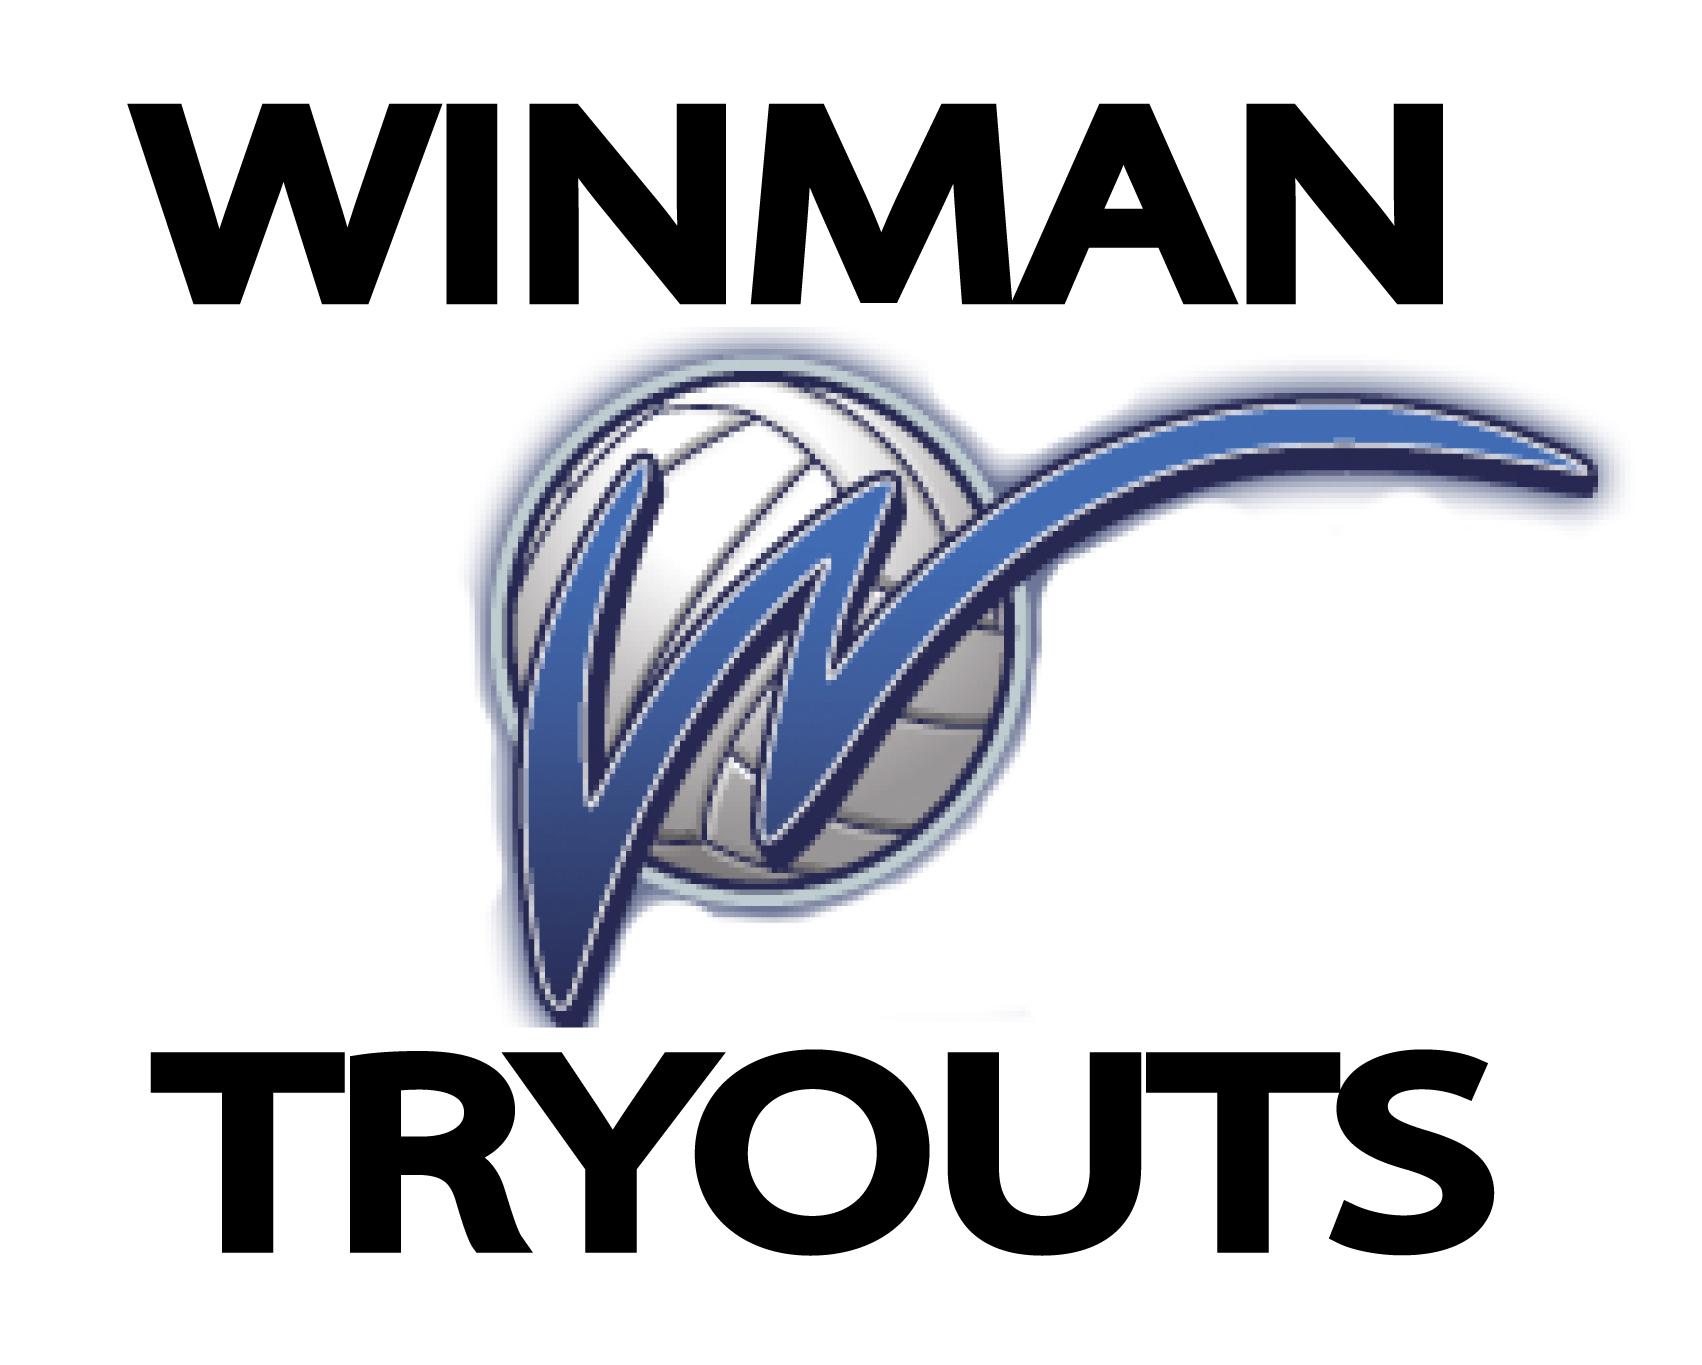 WInMan TRYOUTS